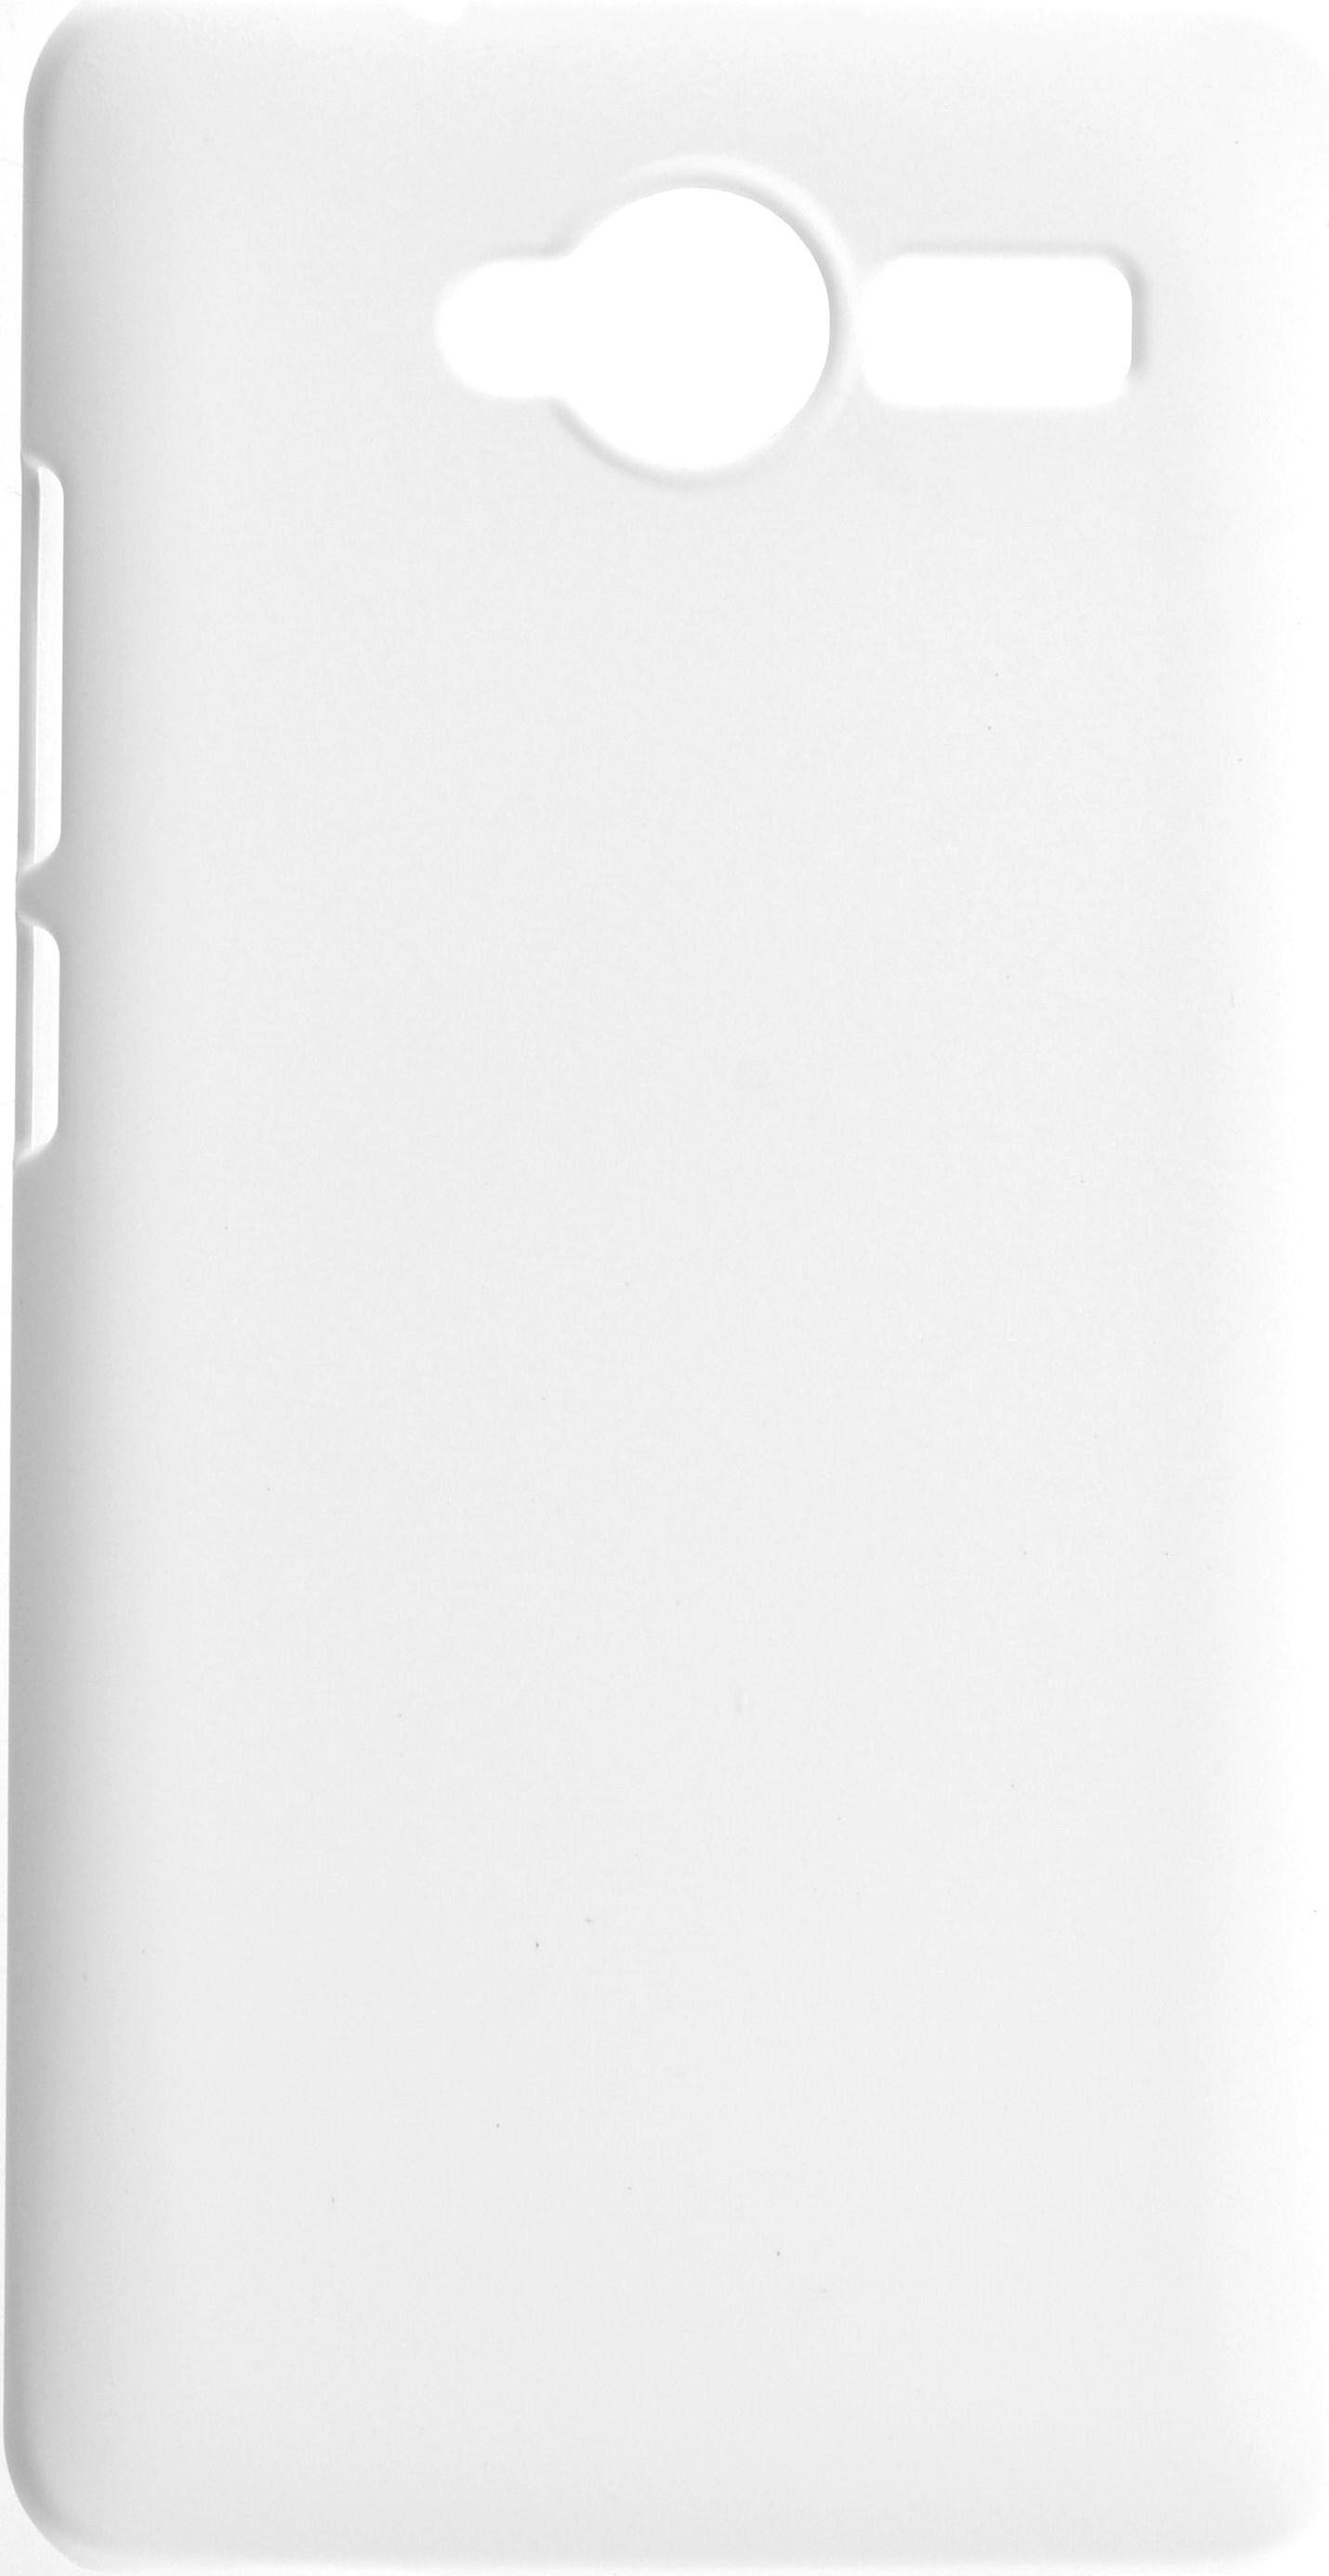 Чехол для сотового телефона skinBOX 4People, 4630042527362, белый стоимость